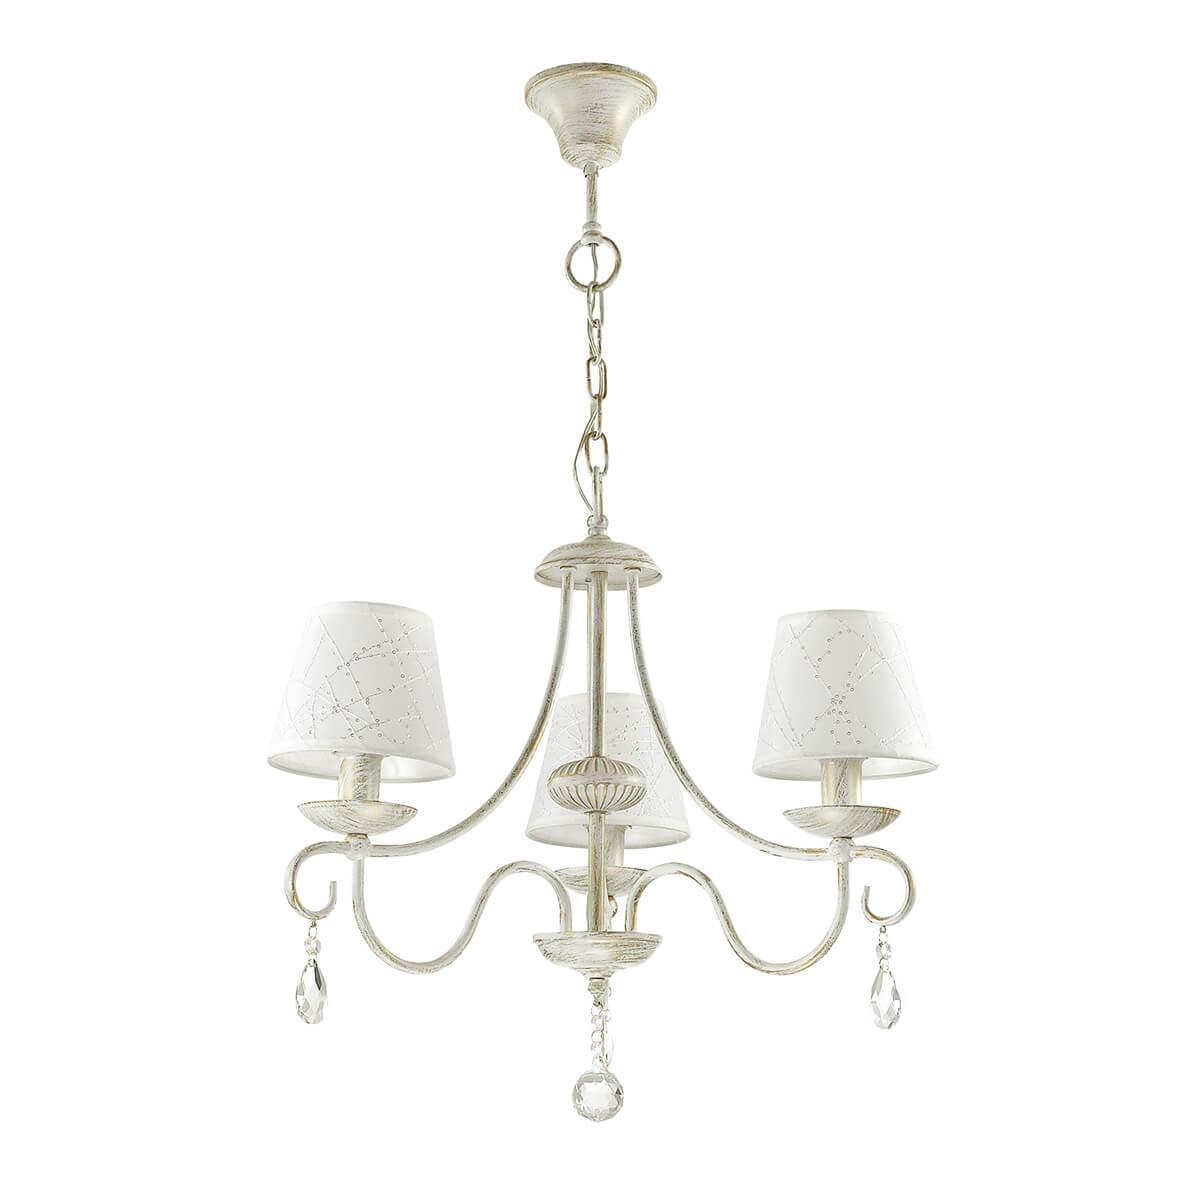 Подвесной светильник Lumion 3686/3, E14, 40 Вт подвесная люстра lumion 3686 5